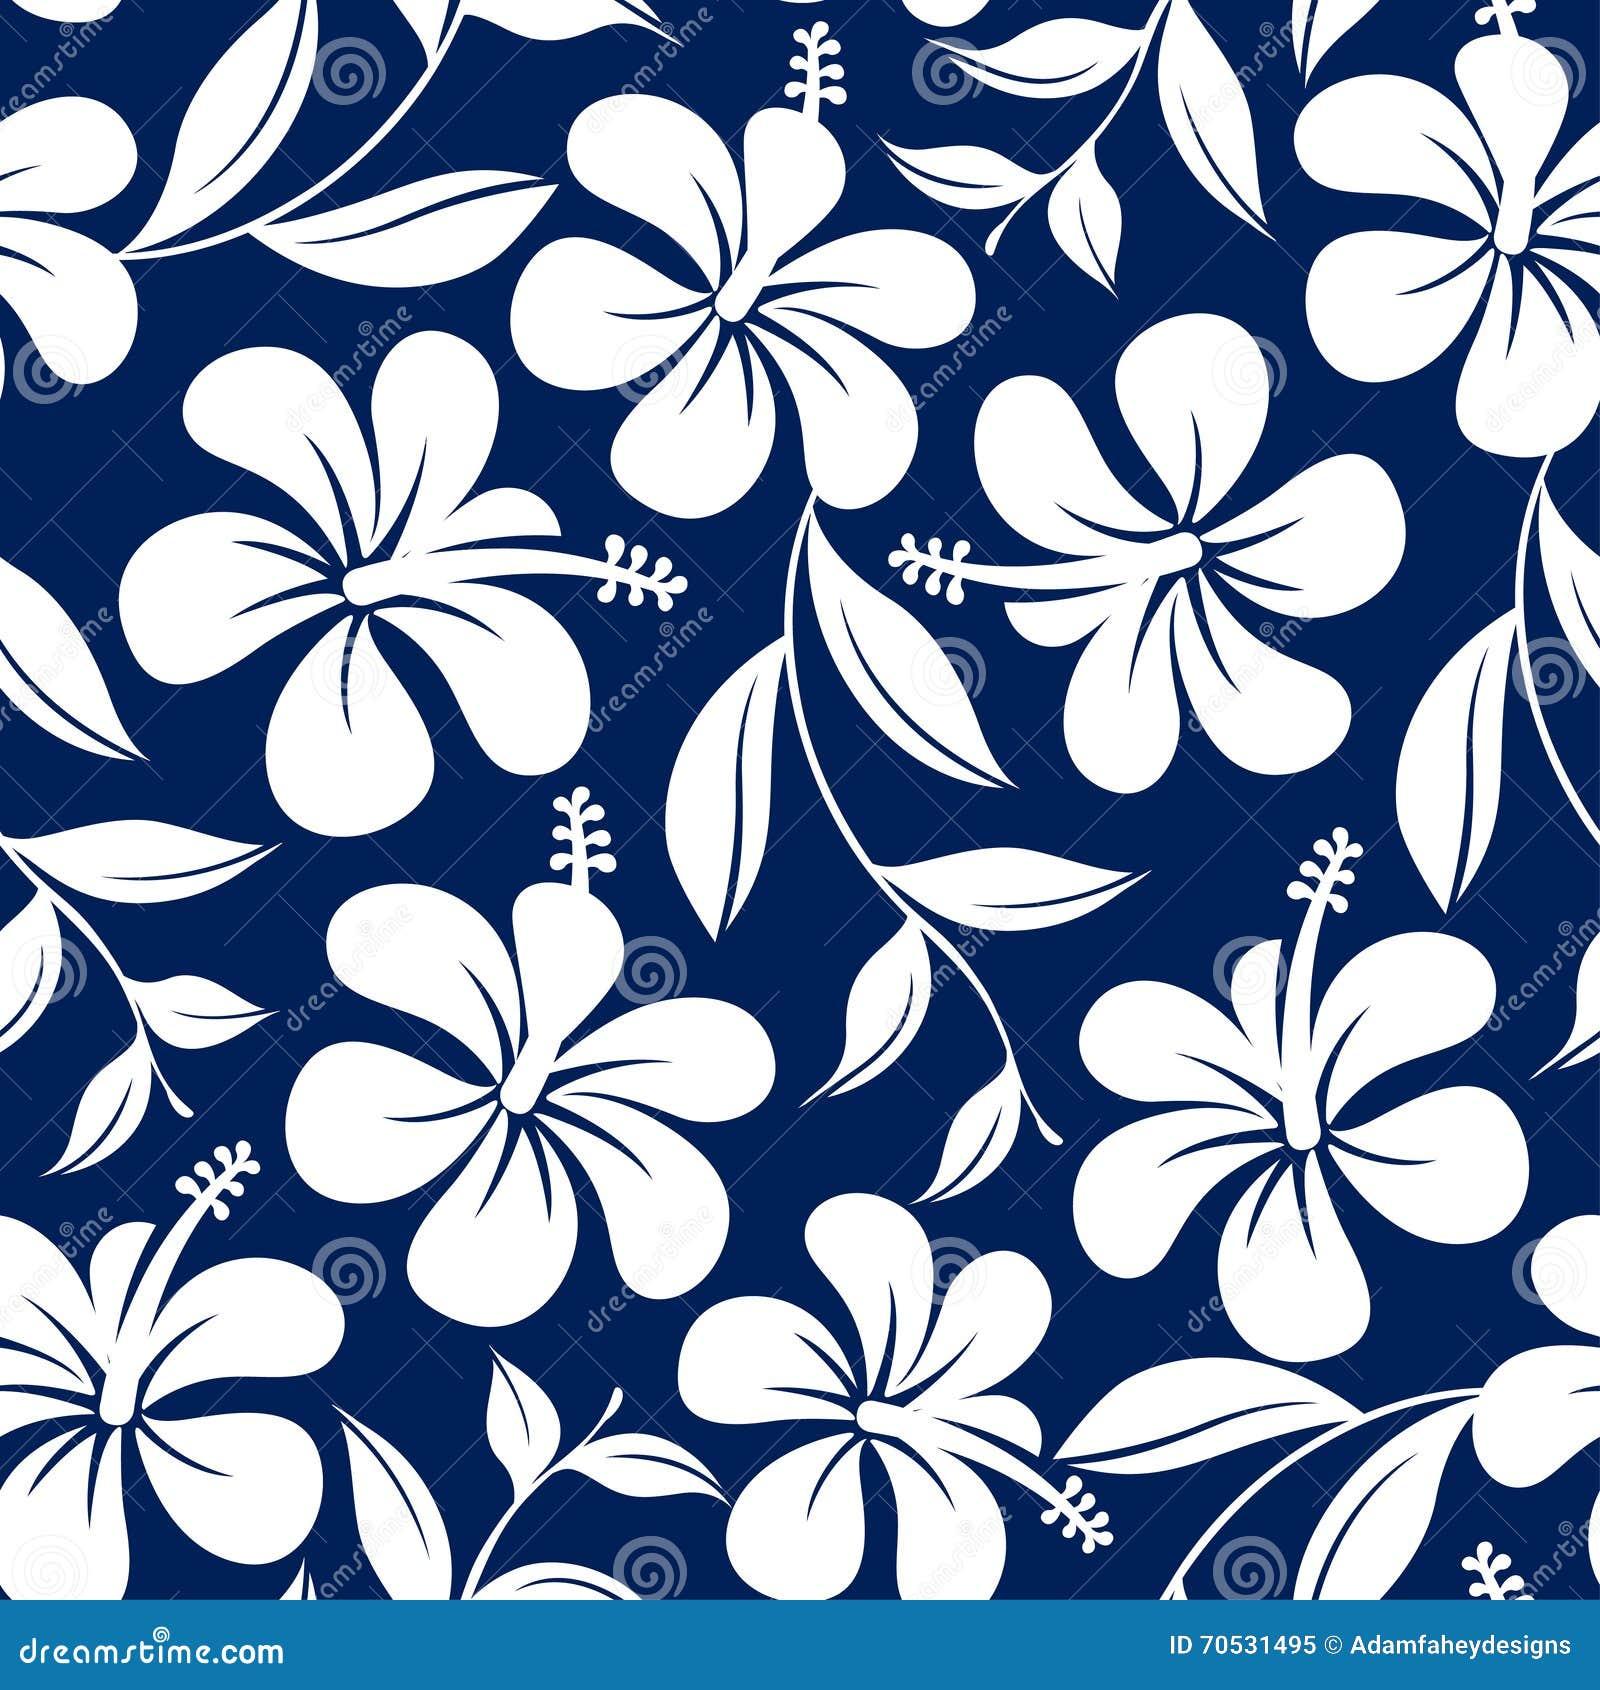 蓝色和白色热带木槿花和叶子无缝的轻拍